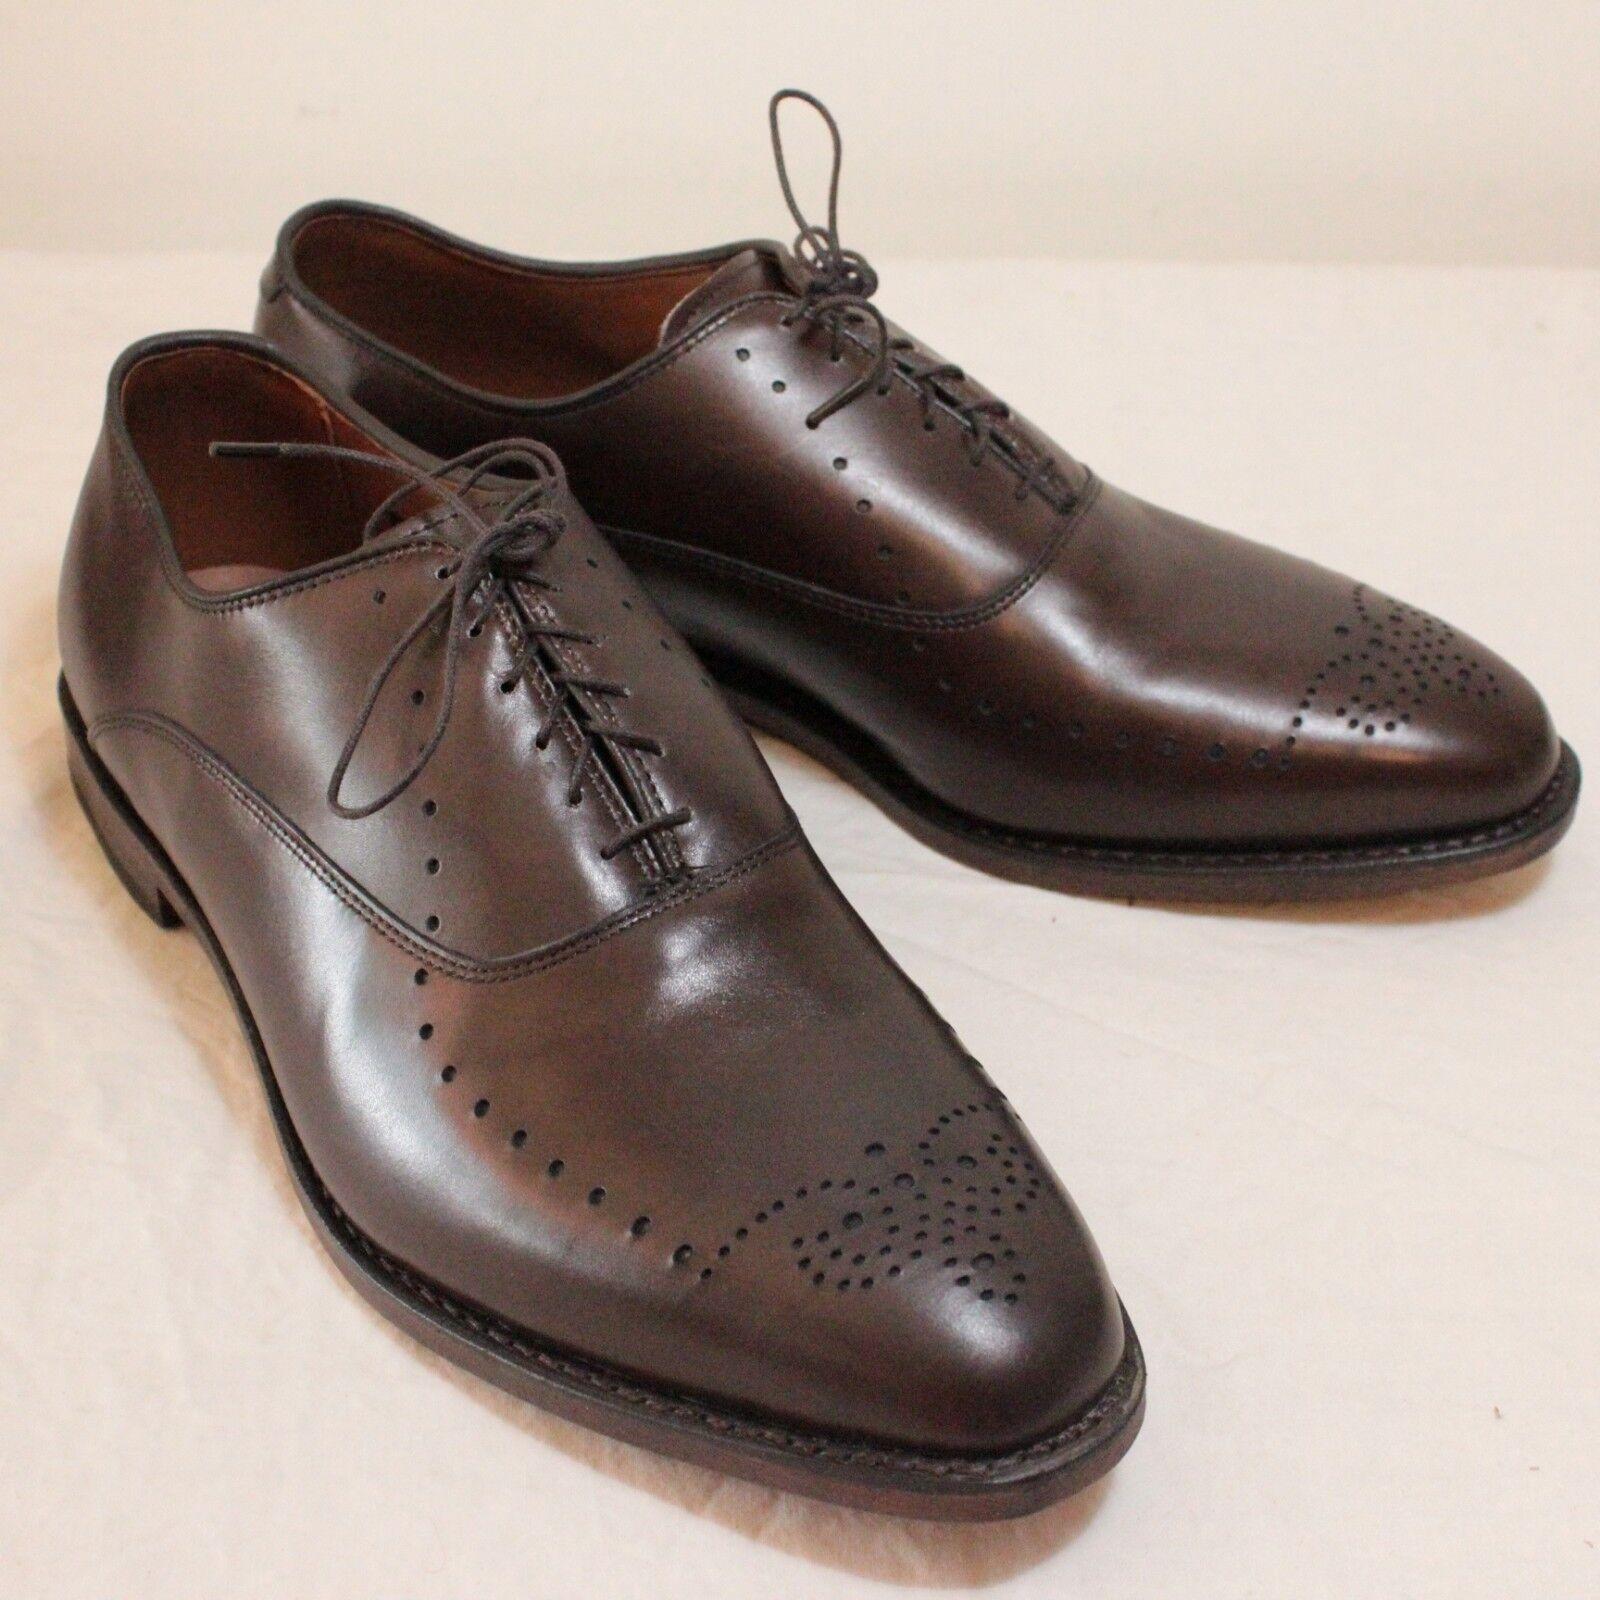 Mens Allen Edmonds Weybridge Mocha Marronee All Leather Oxfords Sz 11.5 3E